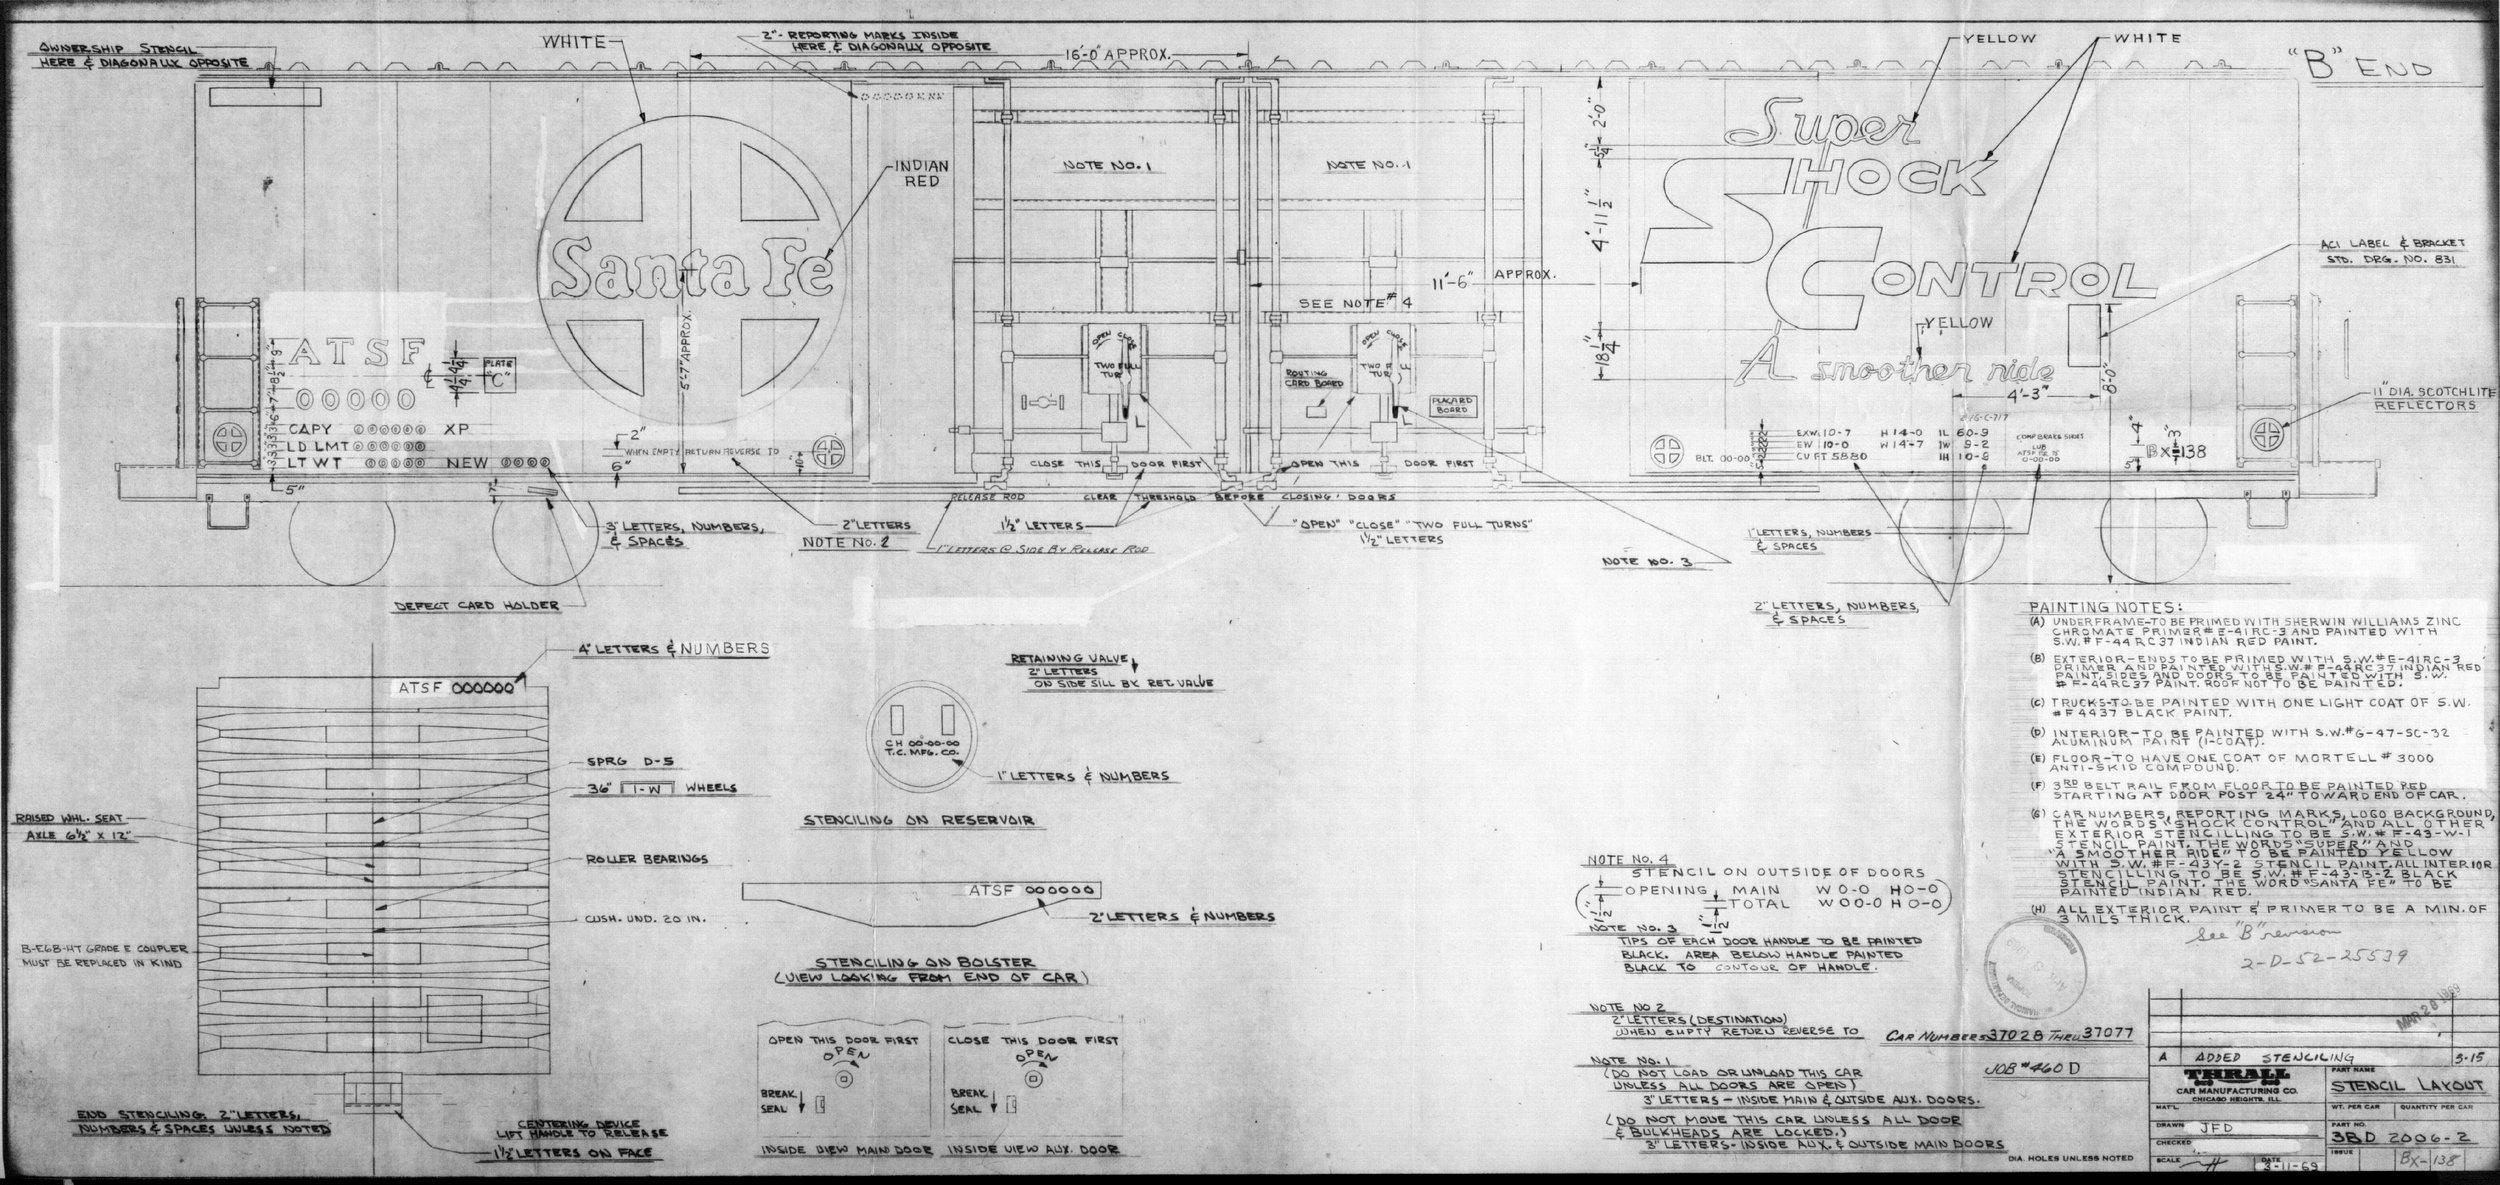 Atchison, Topeka & Santa Fe Railway Company boxcar